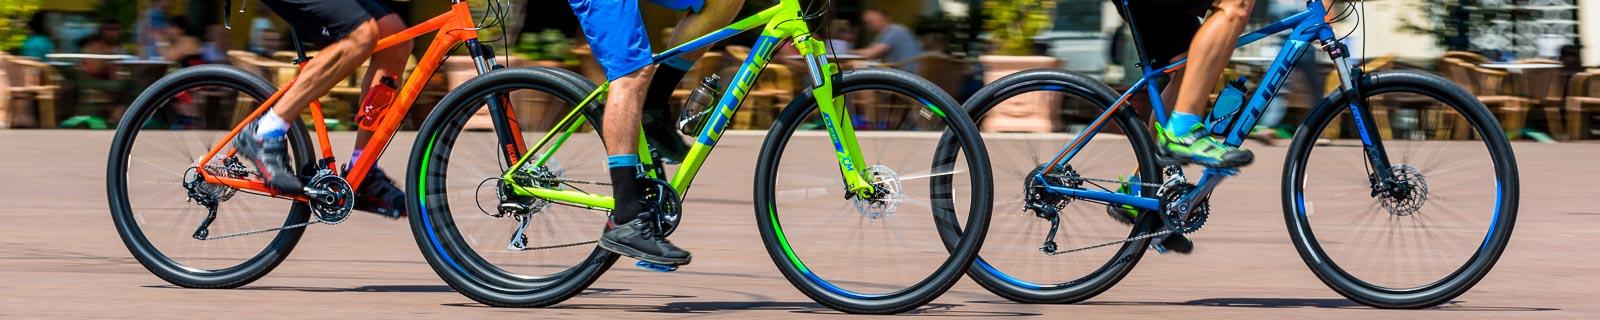 Cube Fahrräder